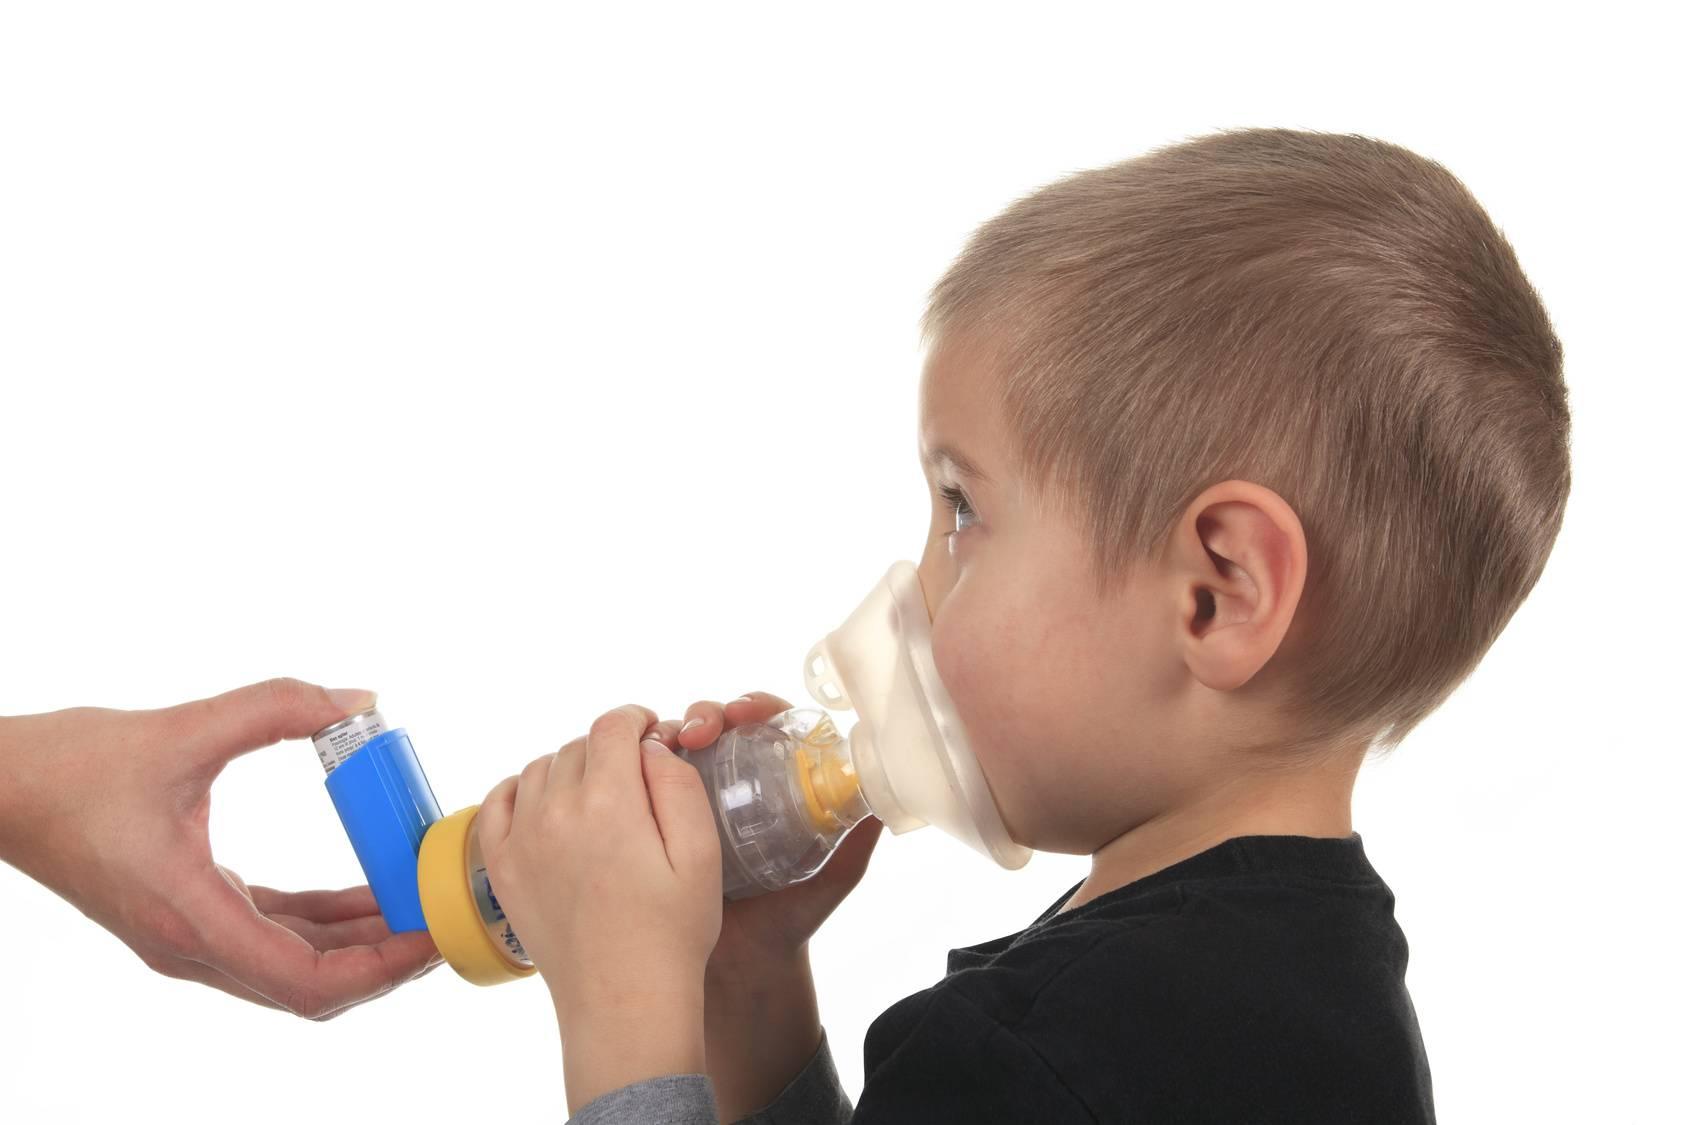 Трахеобронхит у детей: причины, симптомы, методы лечения и профилактика осложнений